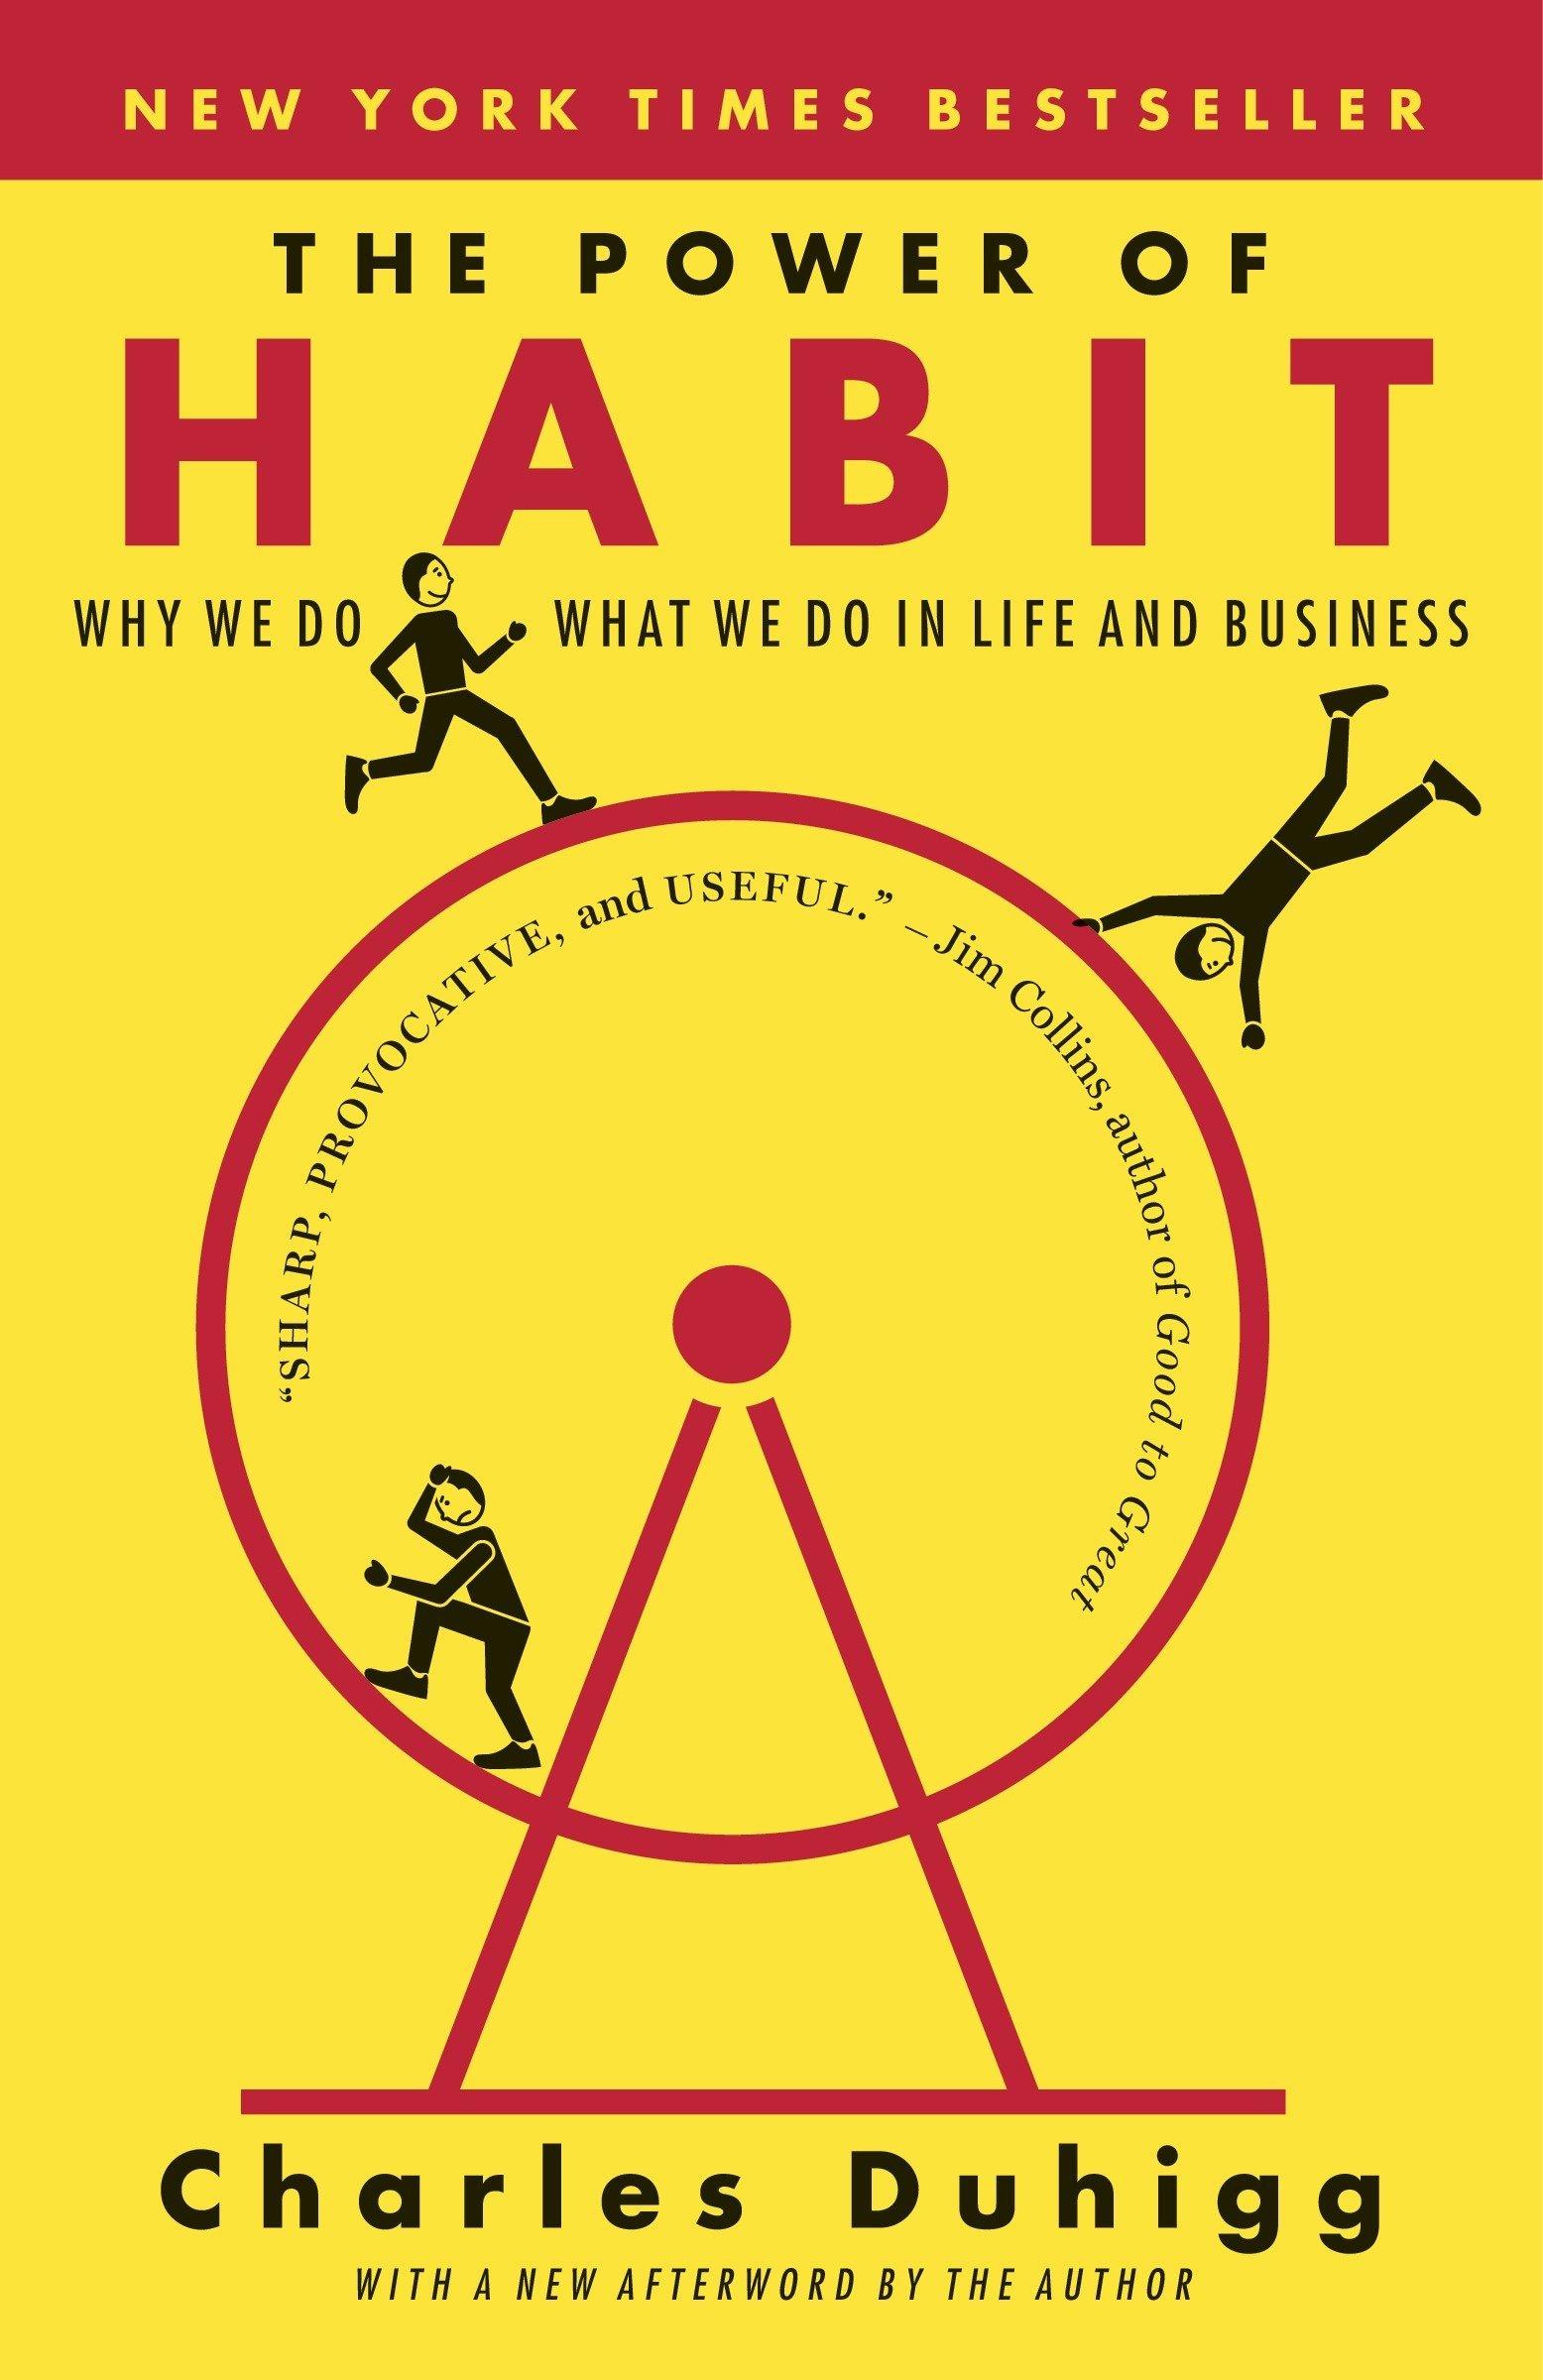 The-power-of-habit-Charlie-Duhigg.jpg